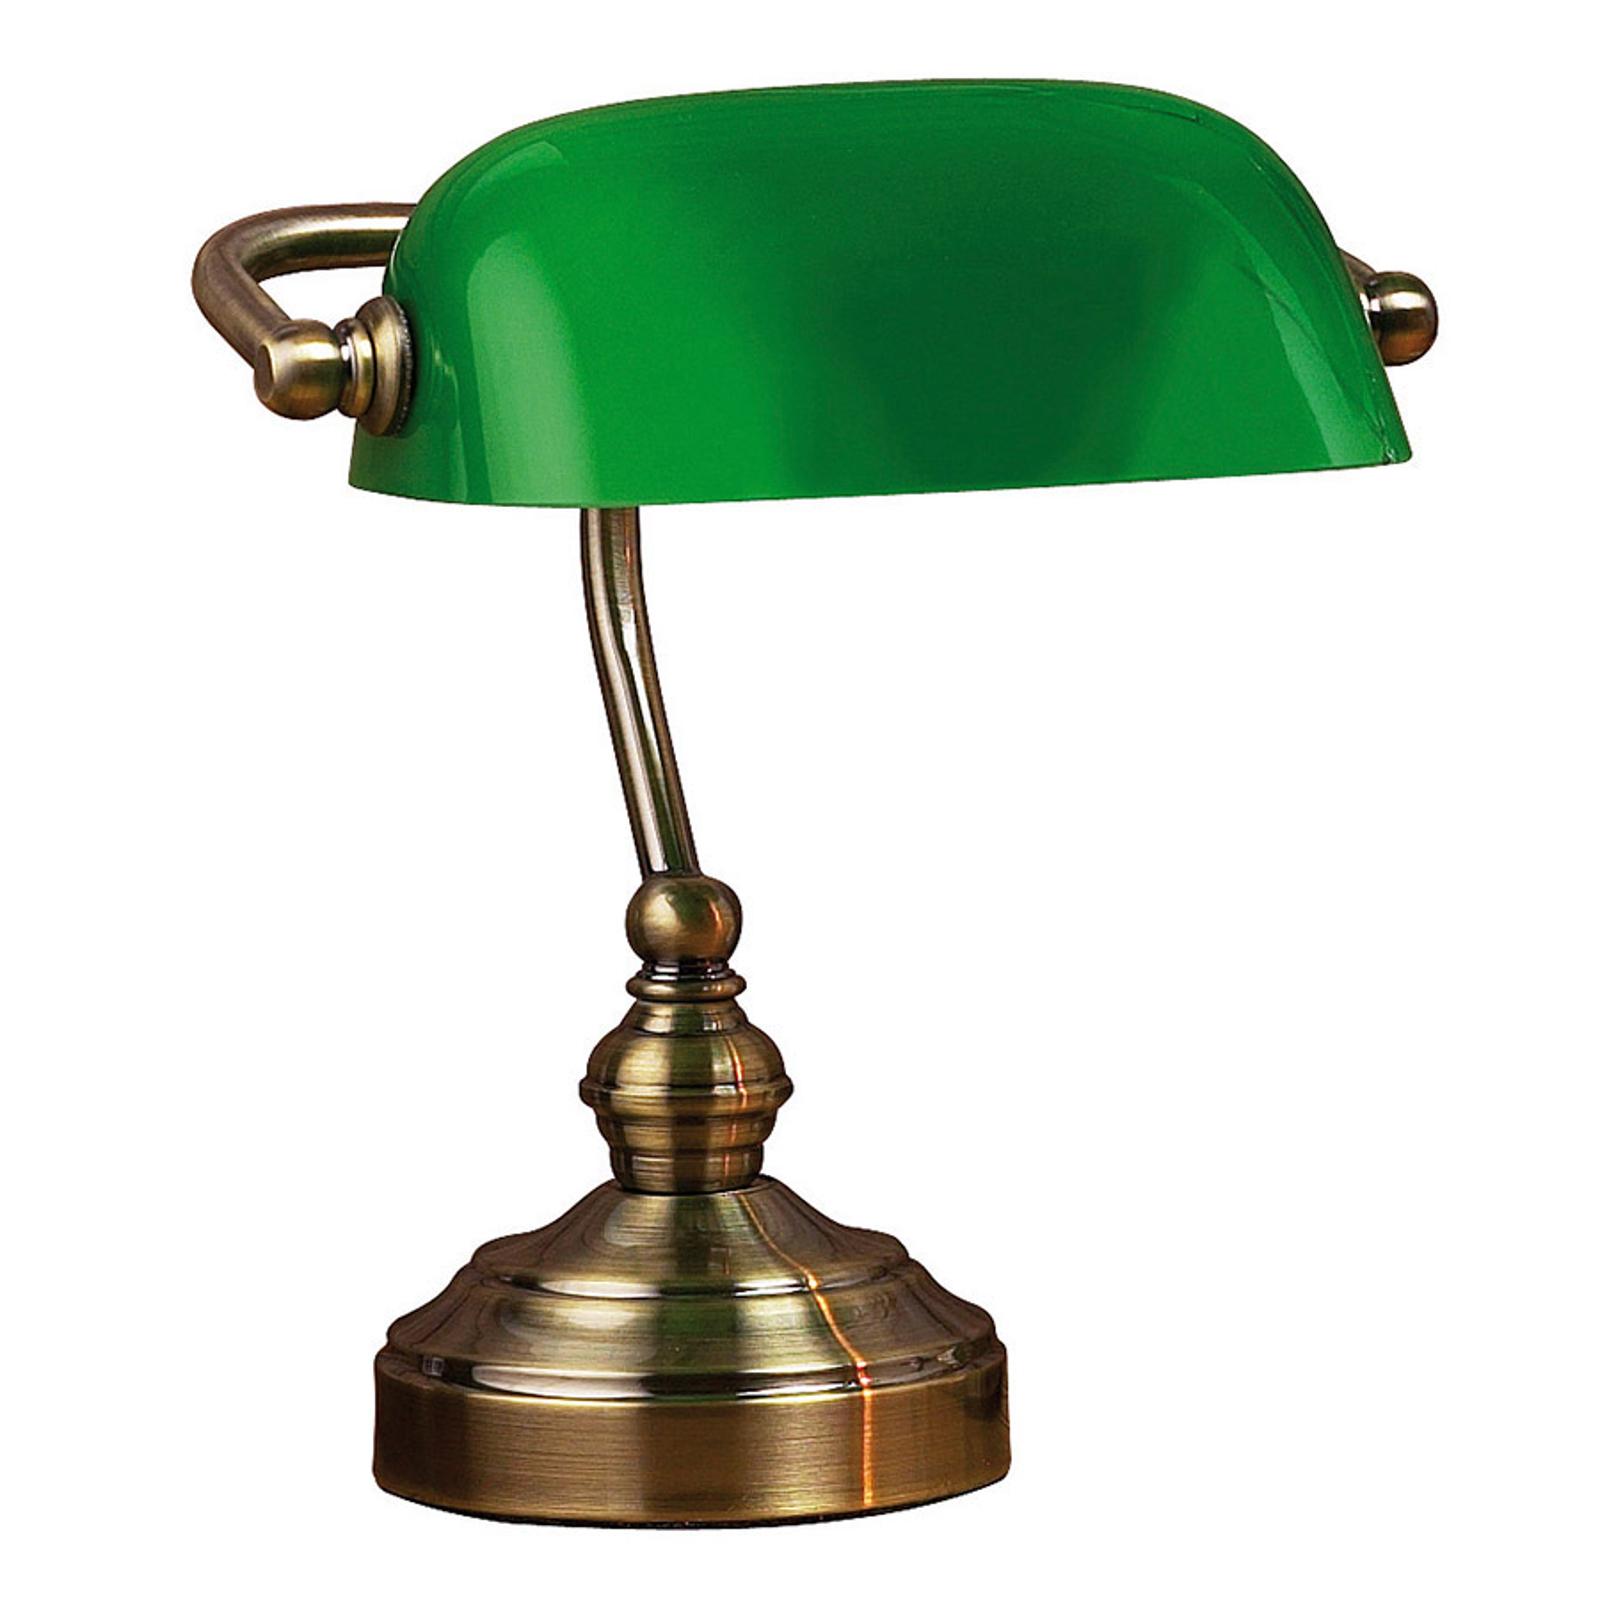 Bankers bordlampe, højde 25 cm, højde